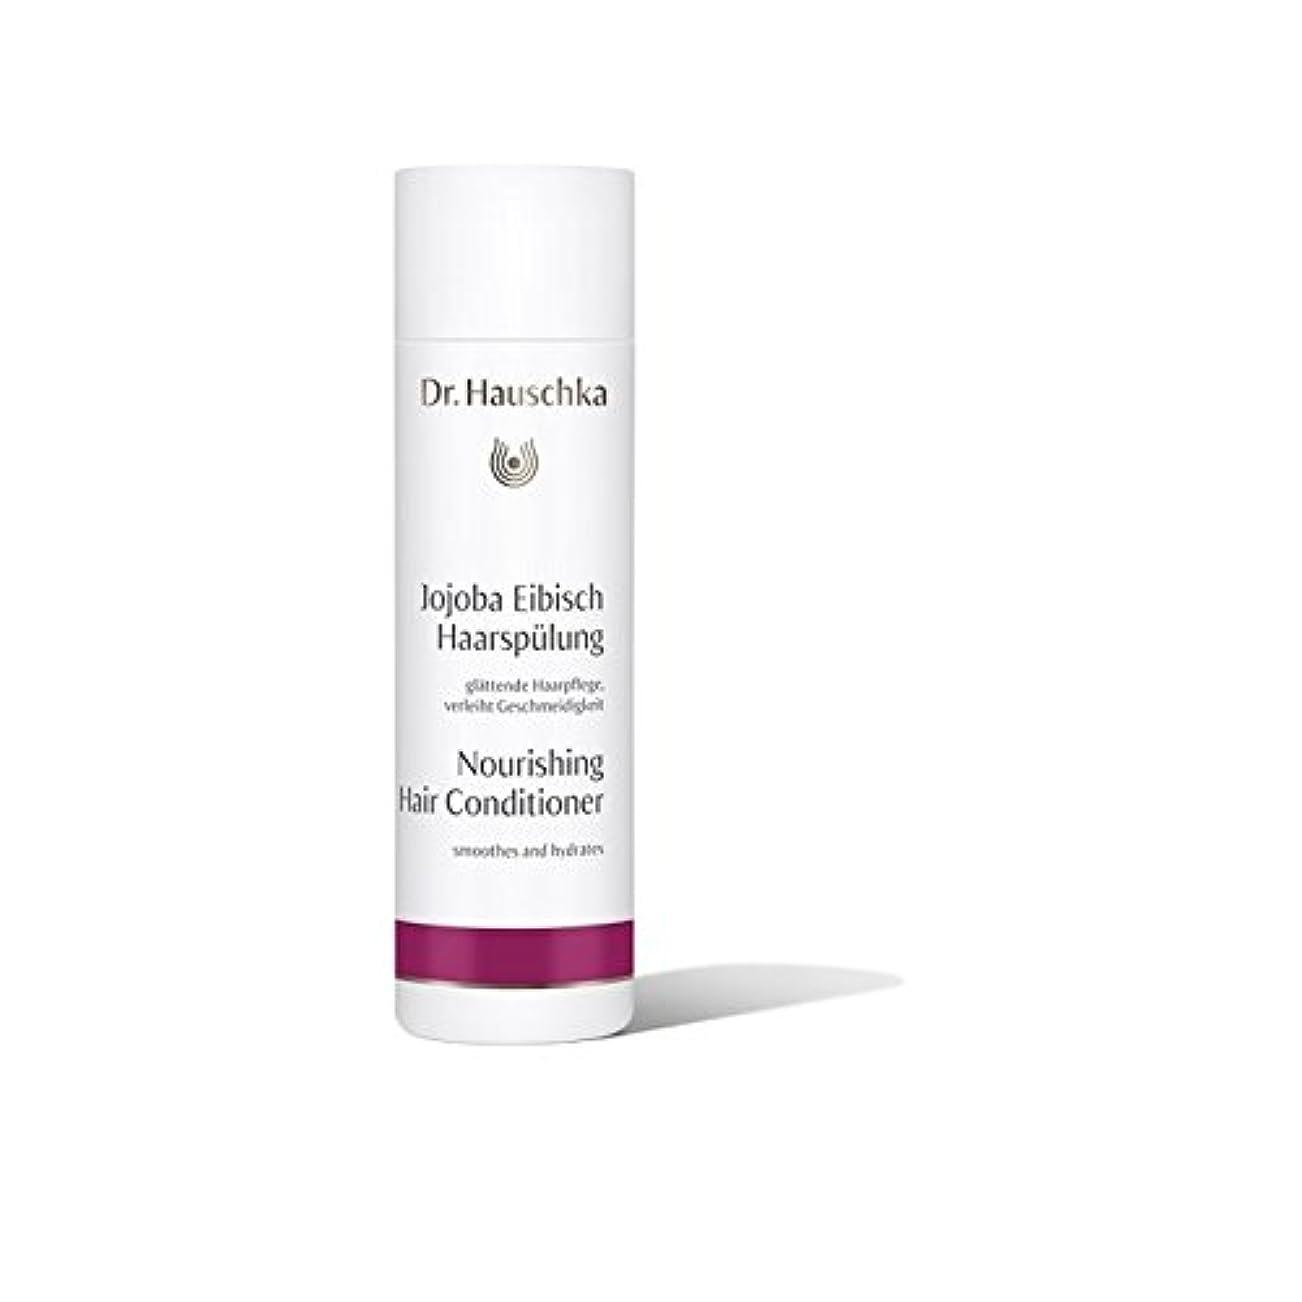 レイ特権直径ハウシュカ栄養ヘアコンディショナー(200ミリリットル) x2 - Dr. Hauschka Nourishing Hair Conditioner (200ml) (Pack of 2) [並行輸入品]